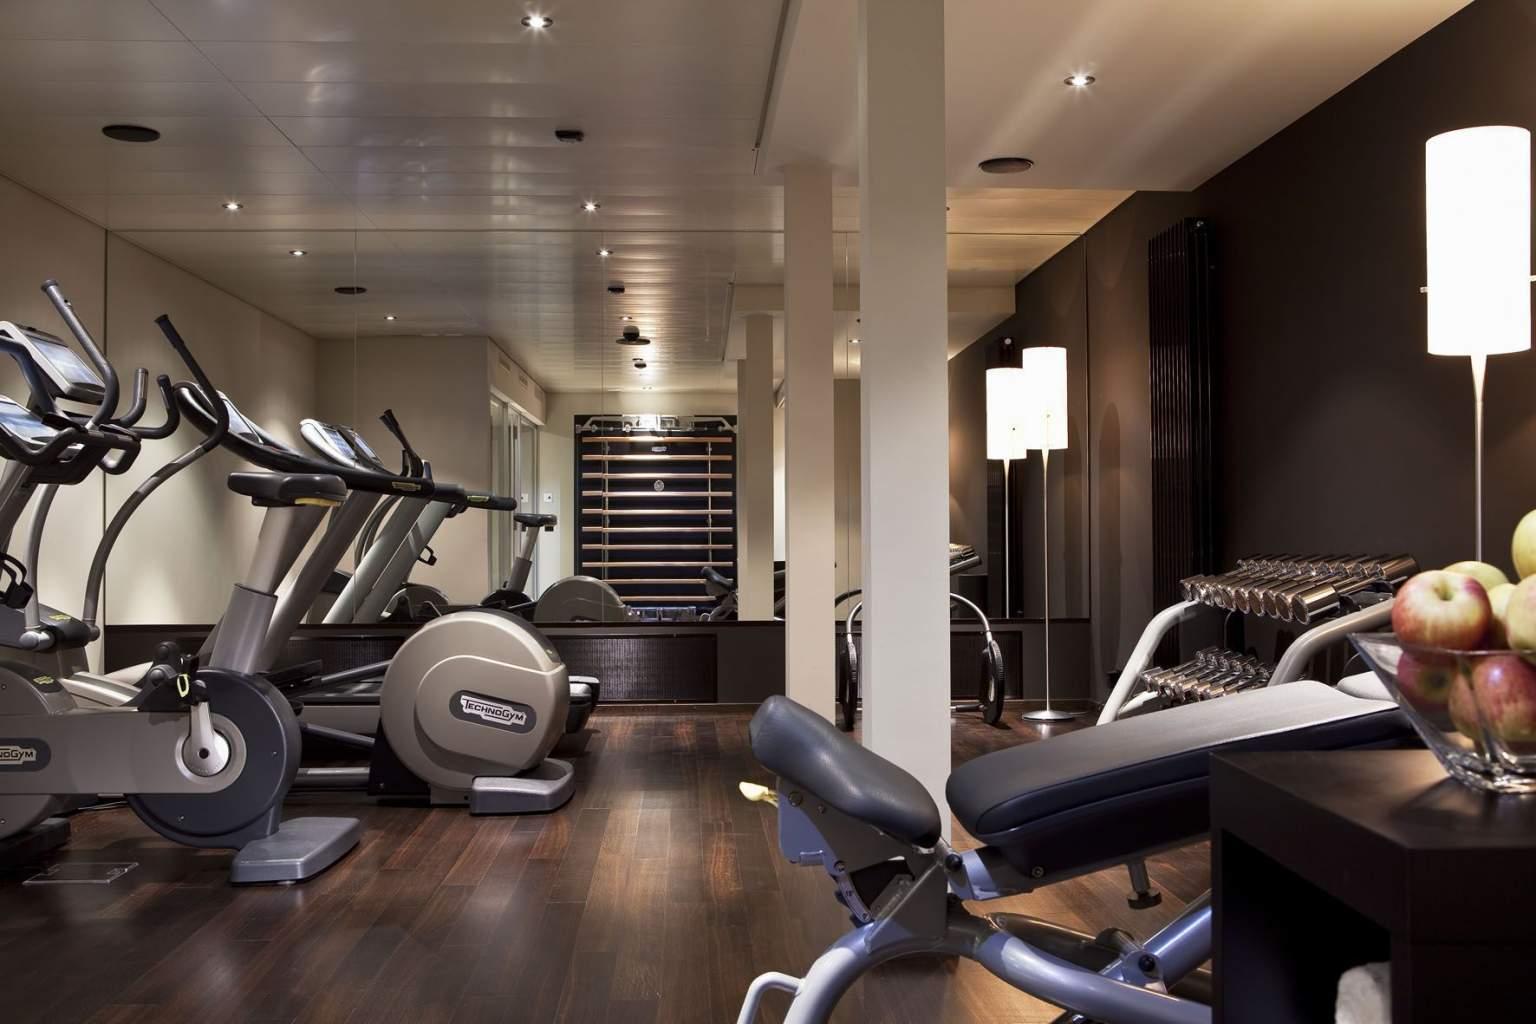 Espace Fitness Hôtel Wellness à Bâle· Suisse : Sauna, Salle de Fitness· Hôtel D à Bâle